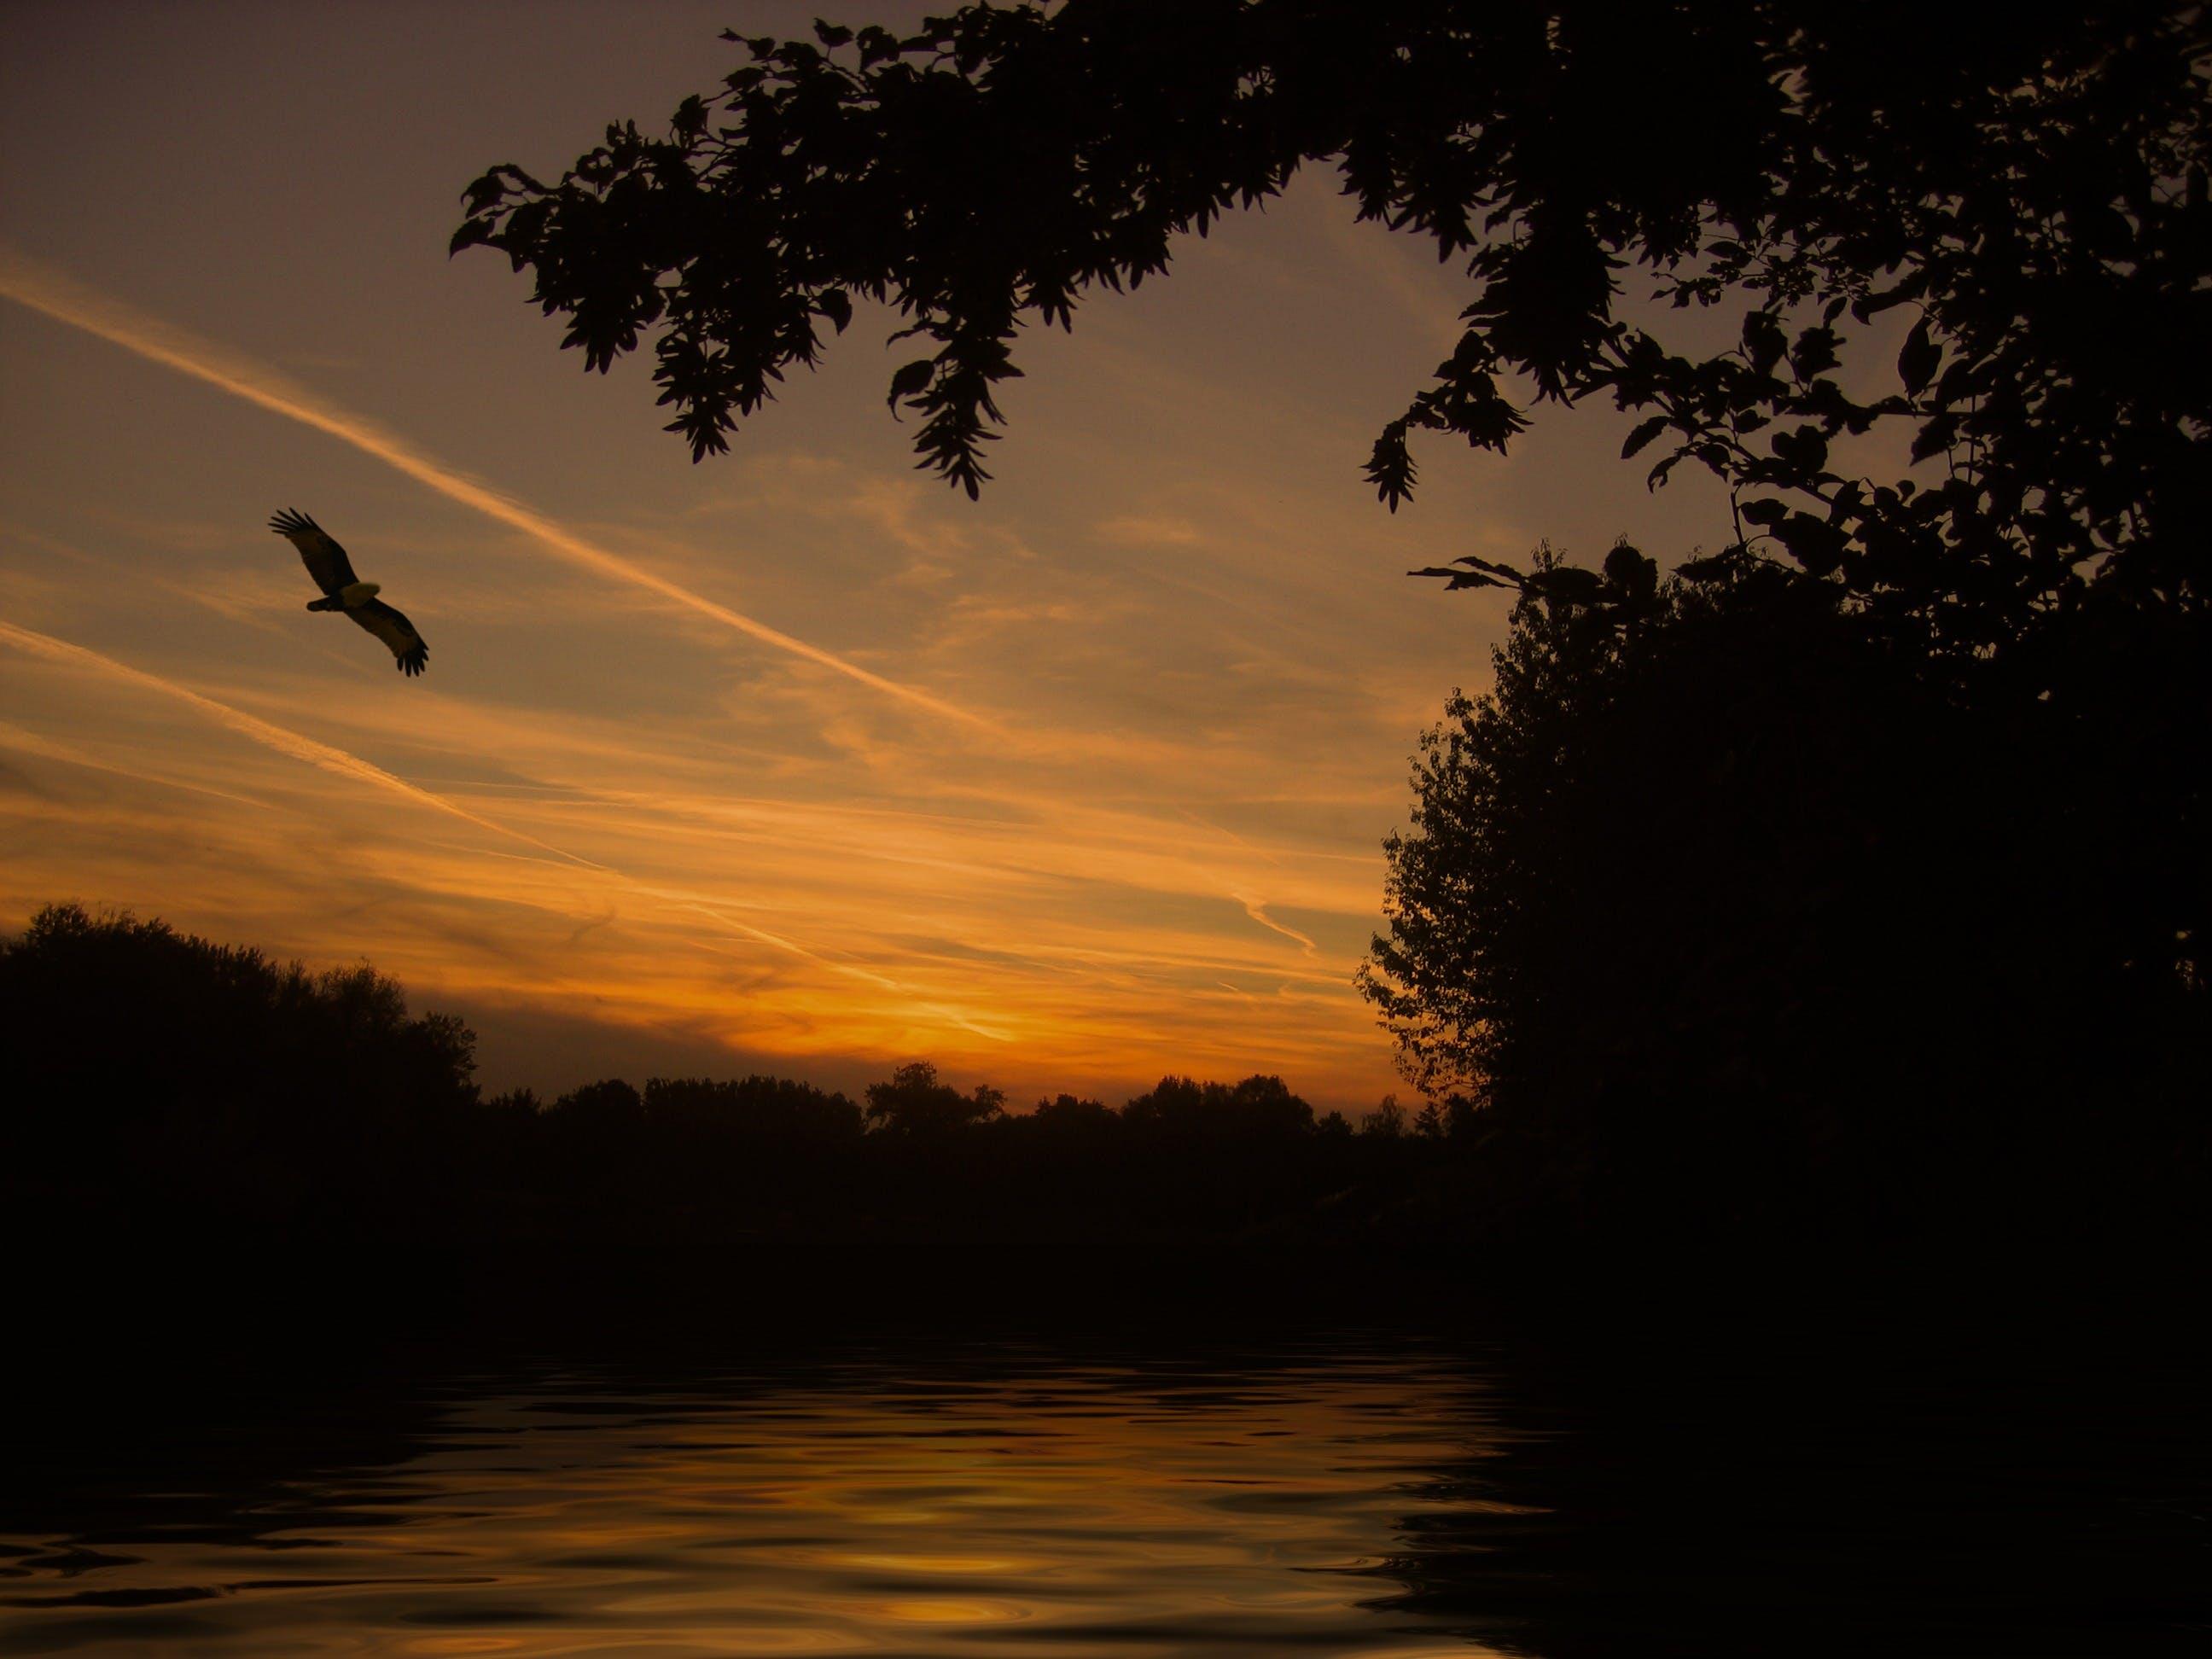 bird, lake, river